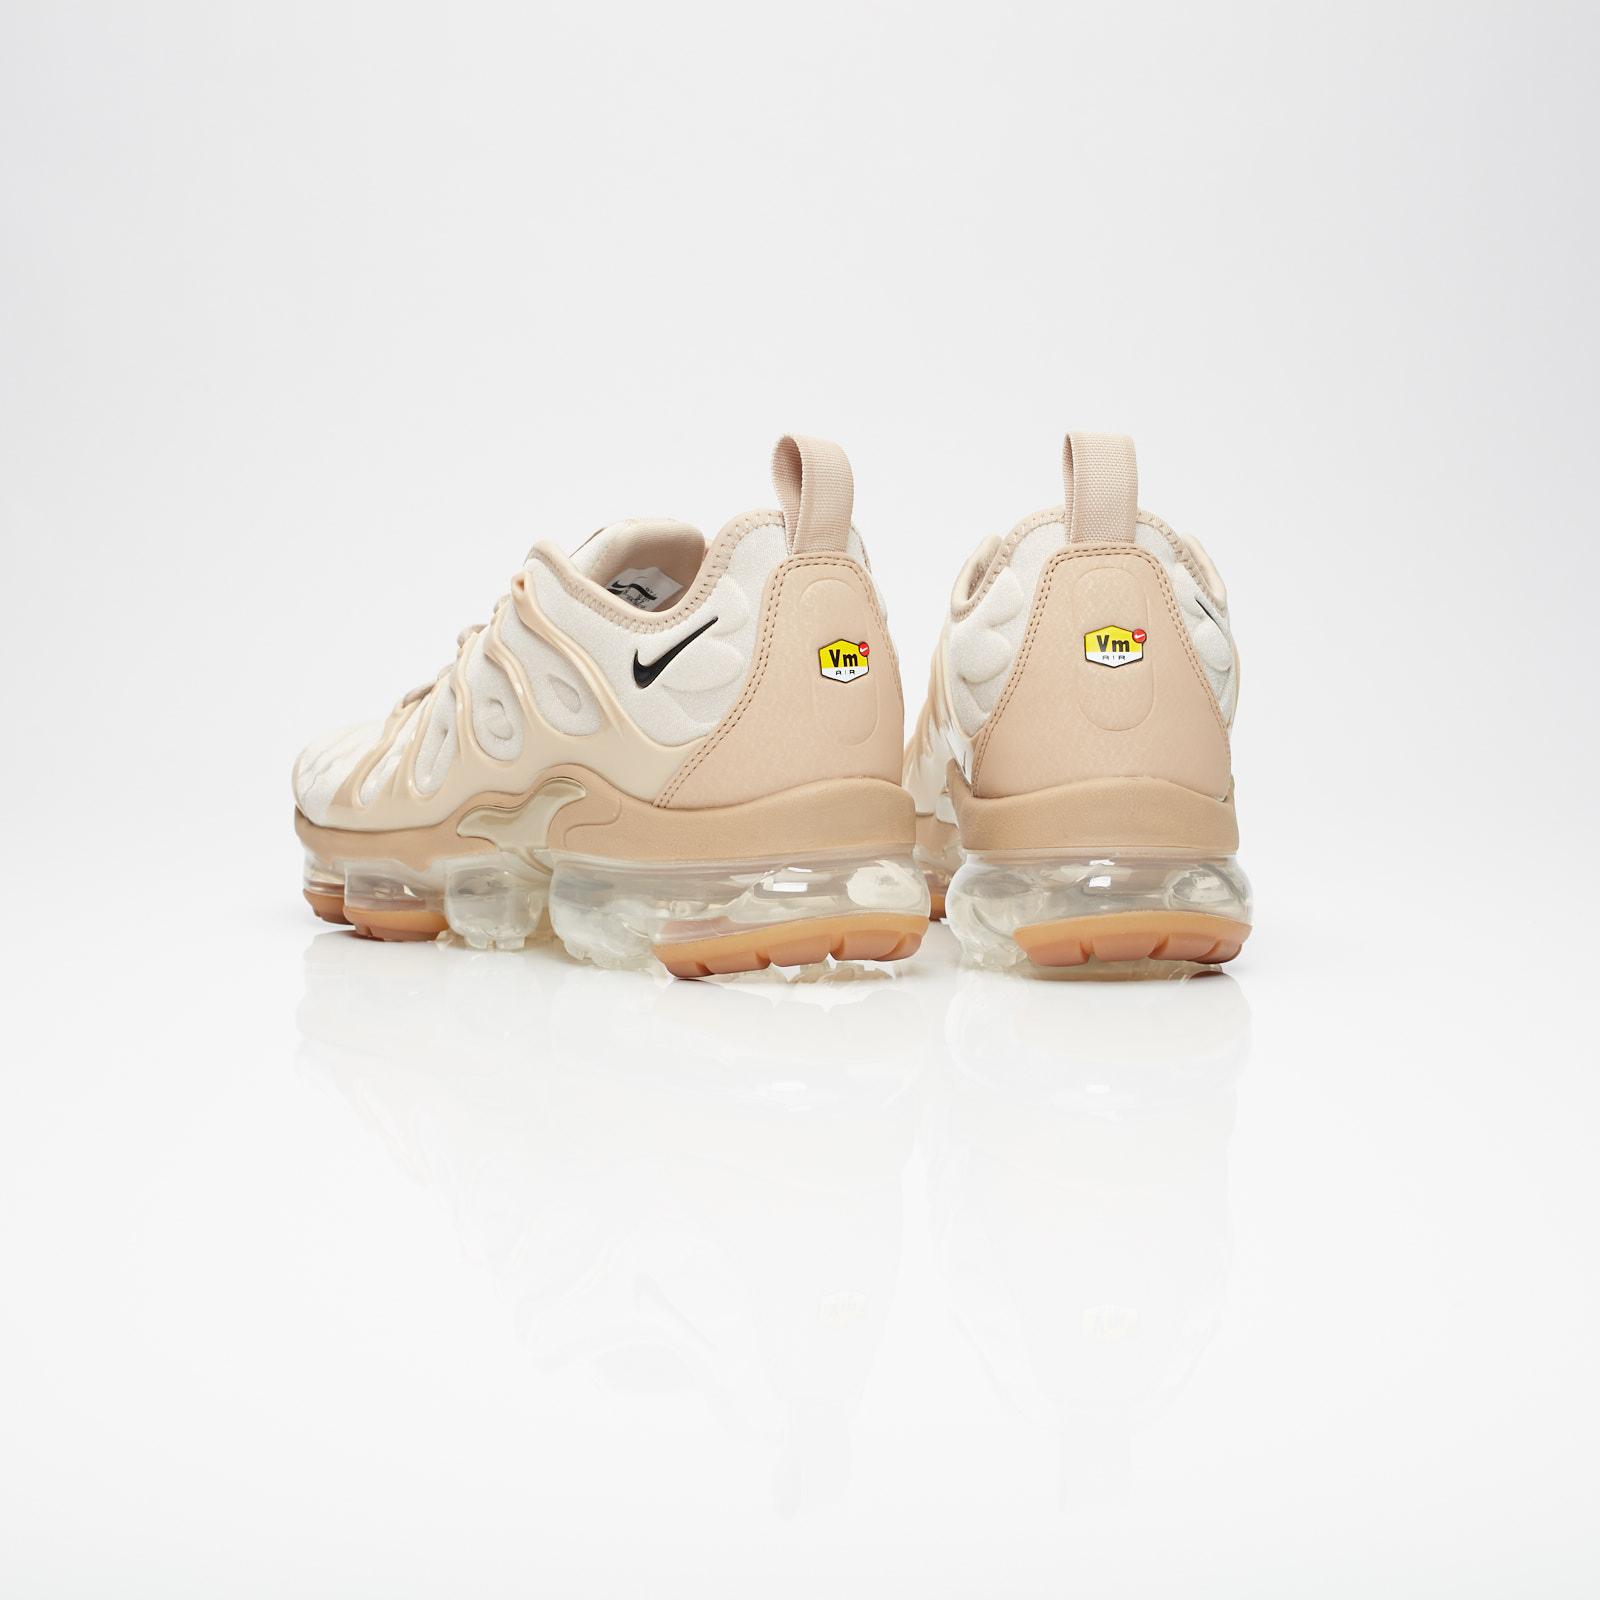 02e7425496 Nike Air Vapormax Plus - At5681-200 - Sneakersnstuff | sneakers ...